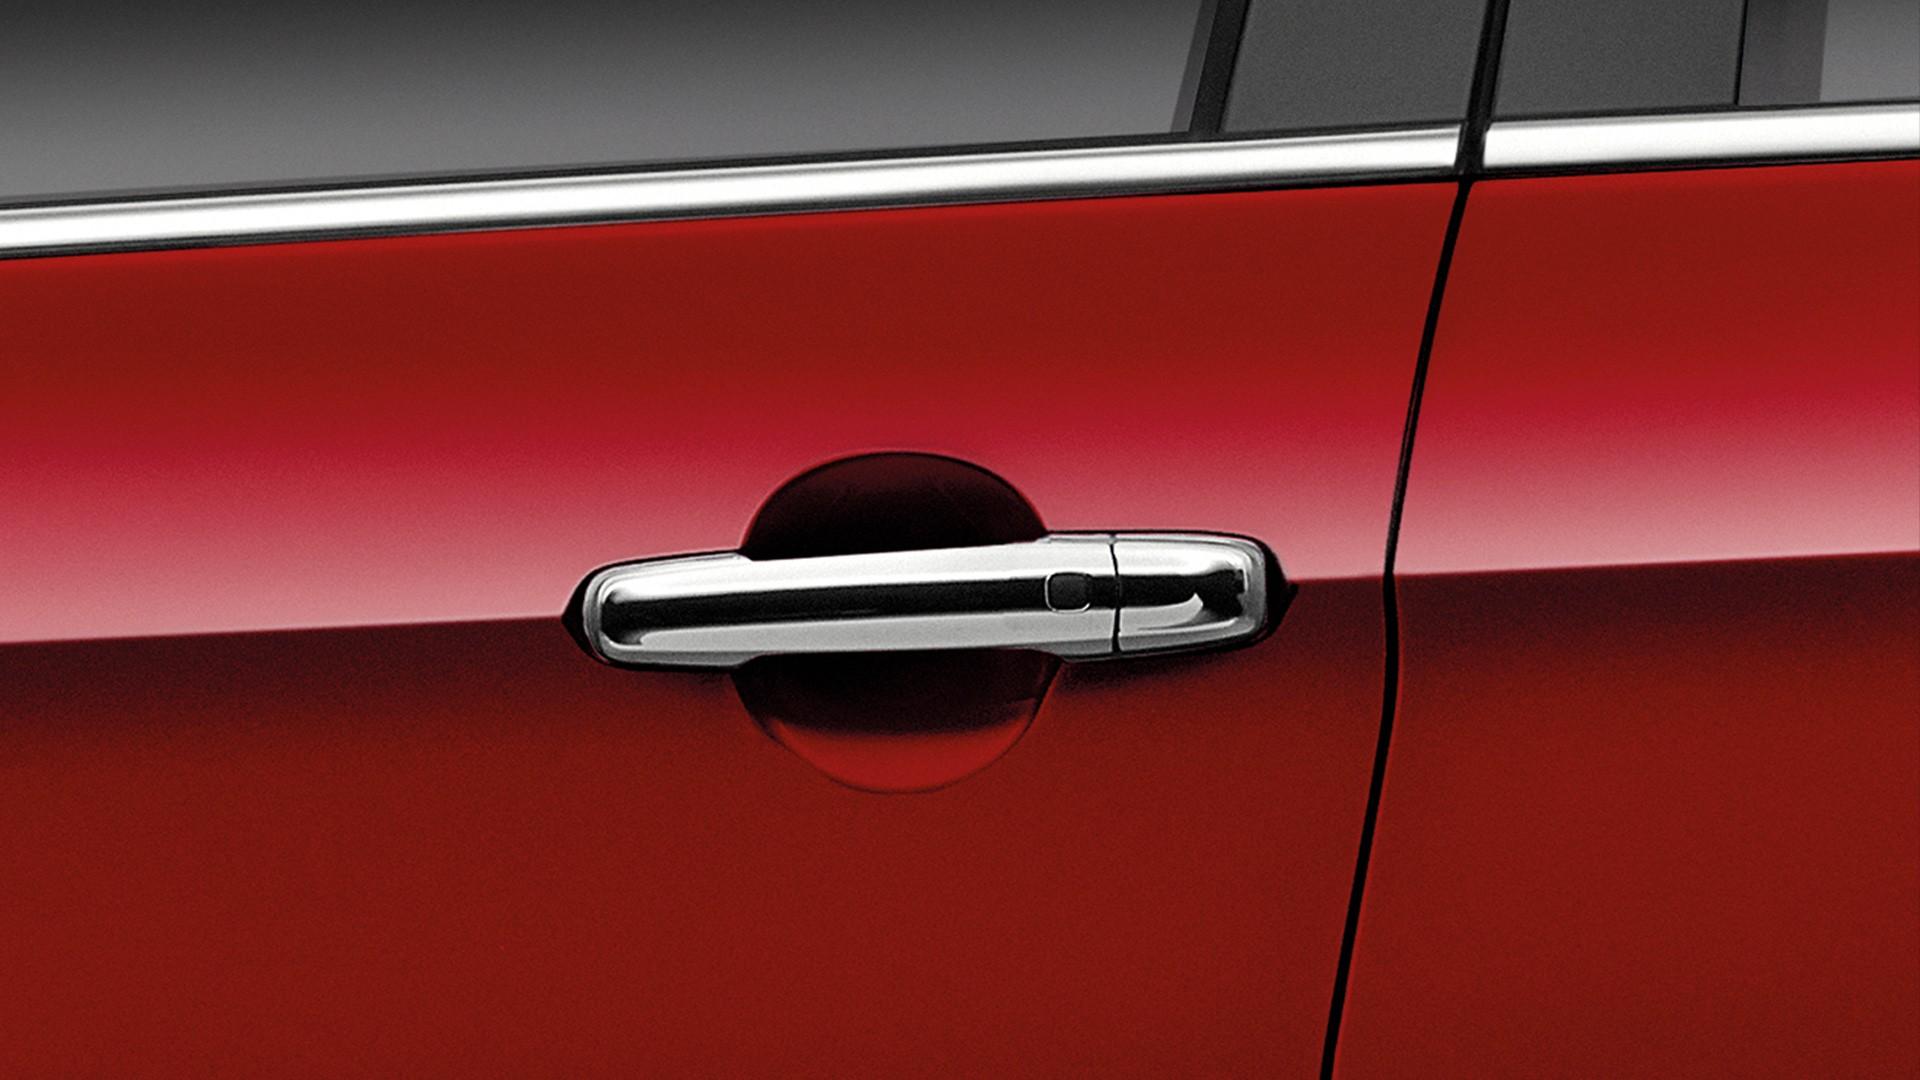 Suzuki Ciaz Keyless Entry กุญแจรีโมทเปิด-ปิด ล็อกประตูง่าย ๆ